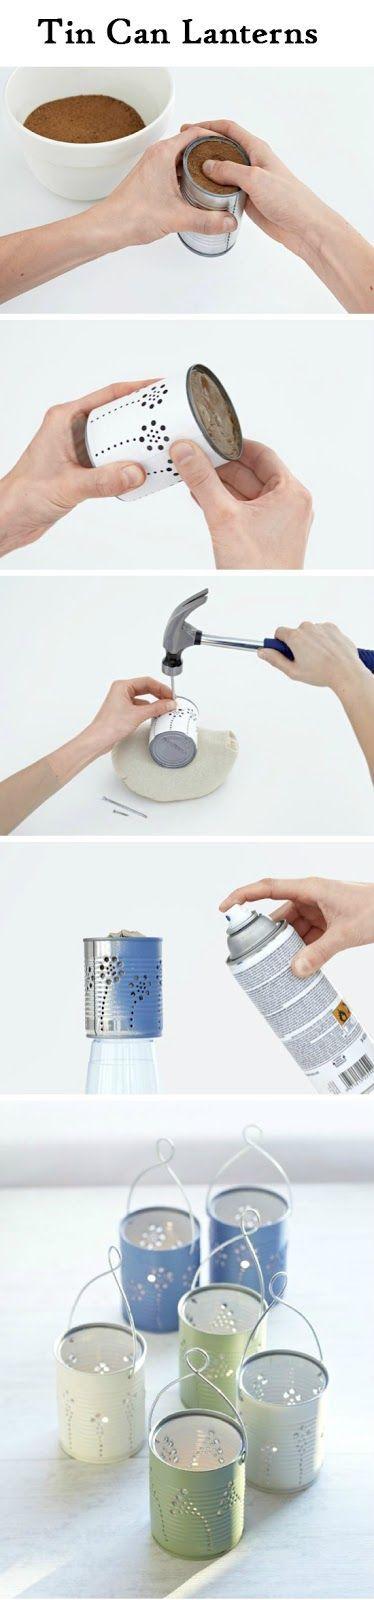 DIY Tin latterns. Encontrado en craftscommunity.blogspot.ca